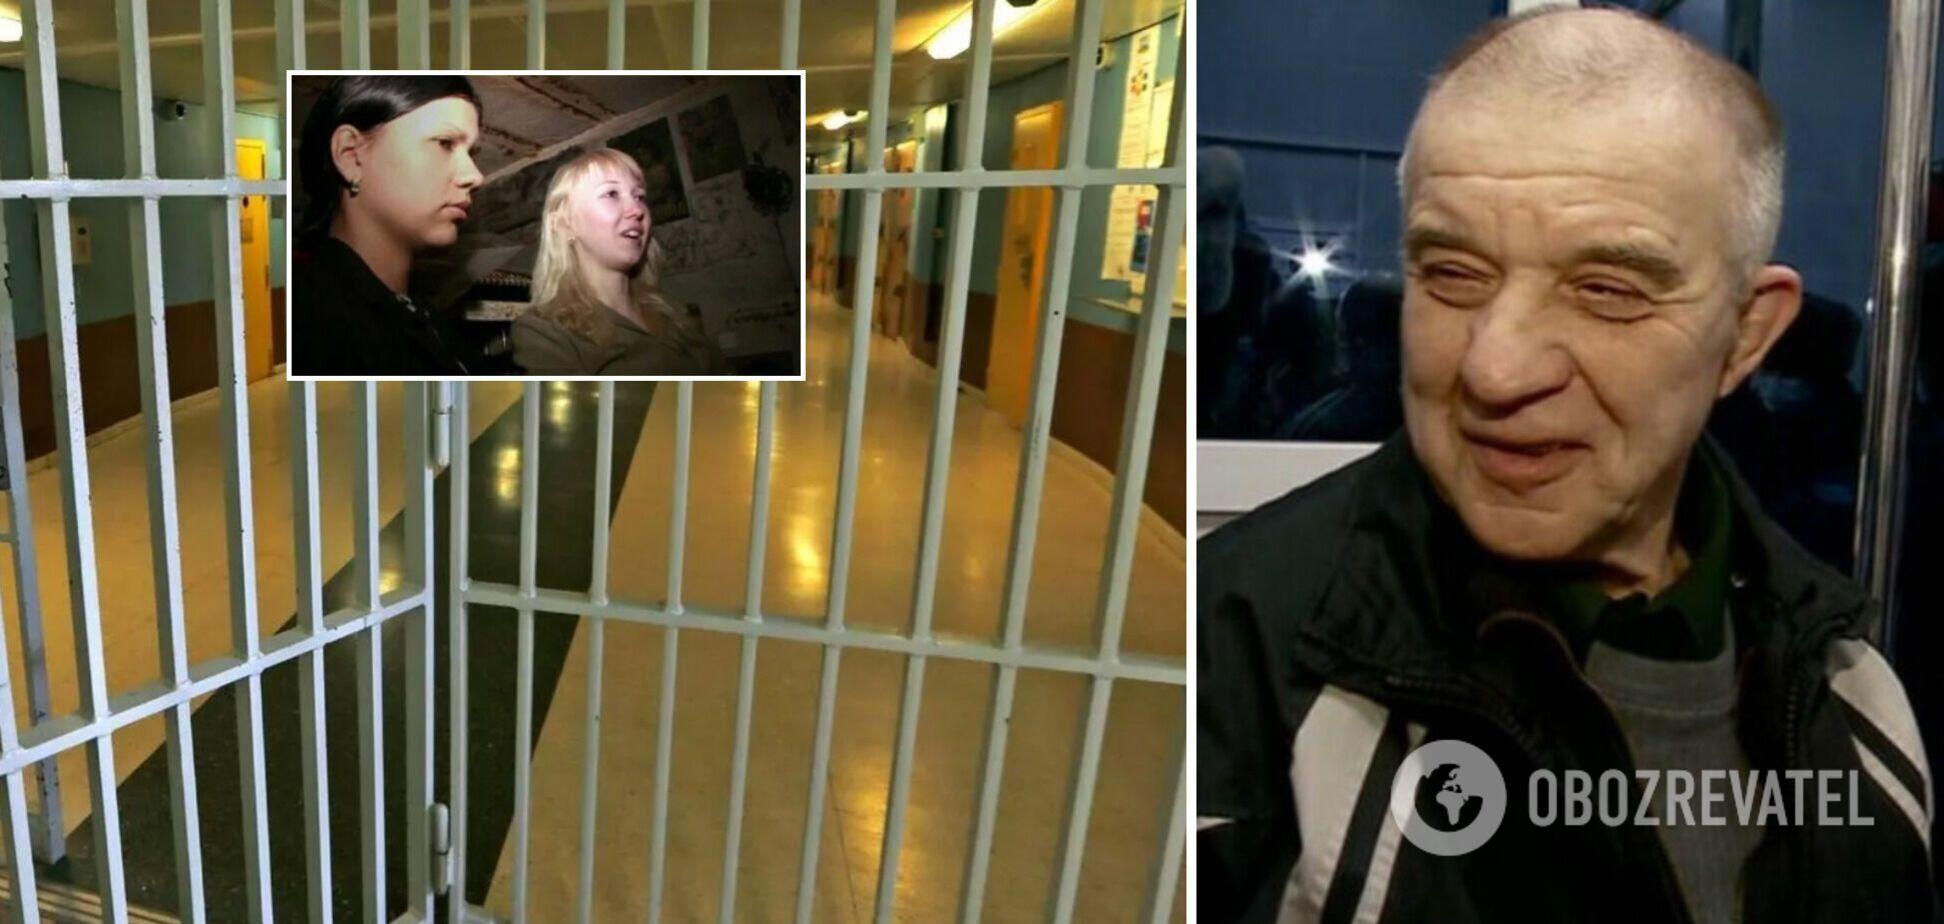 Освободившийся 'скопинский маньяк' в первом интервью рассказал свою версию похищения девушек. Видео